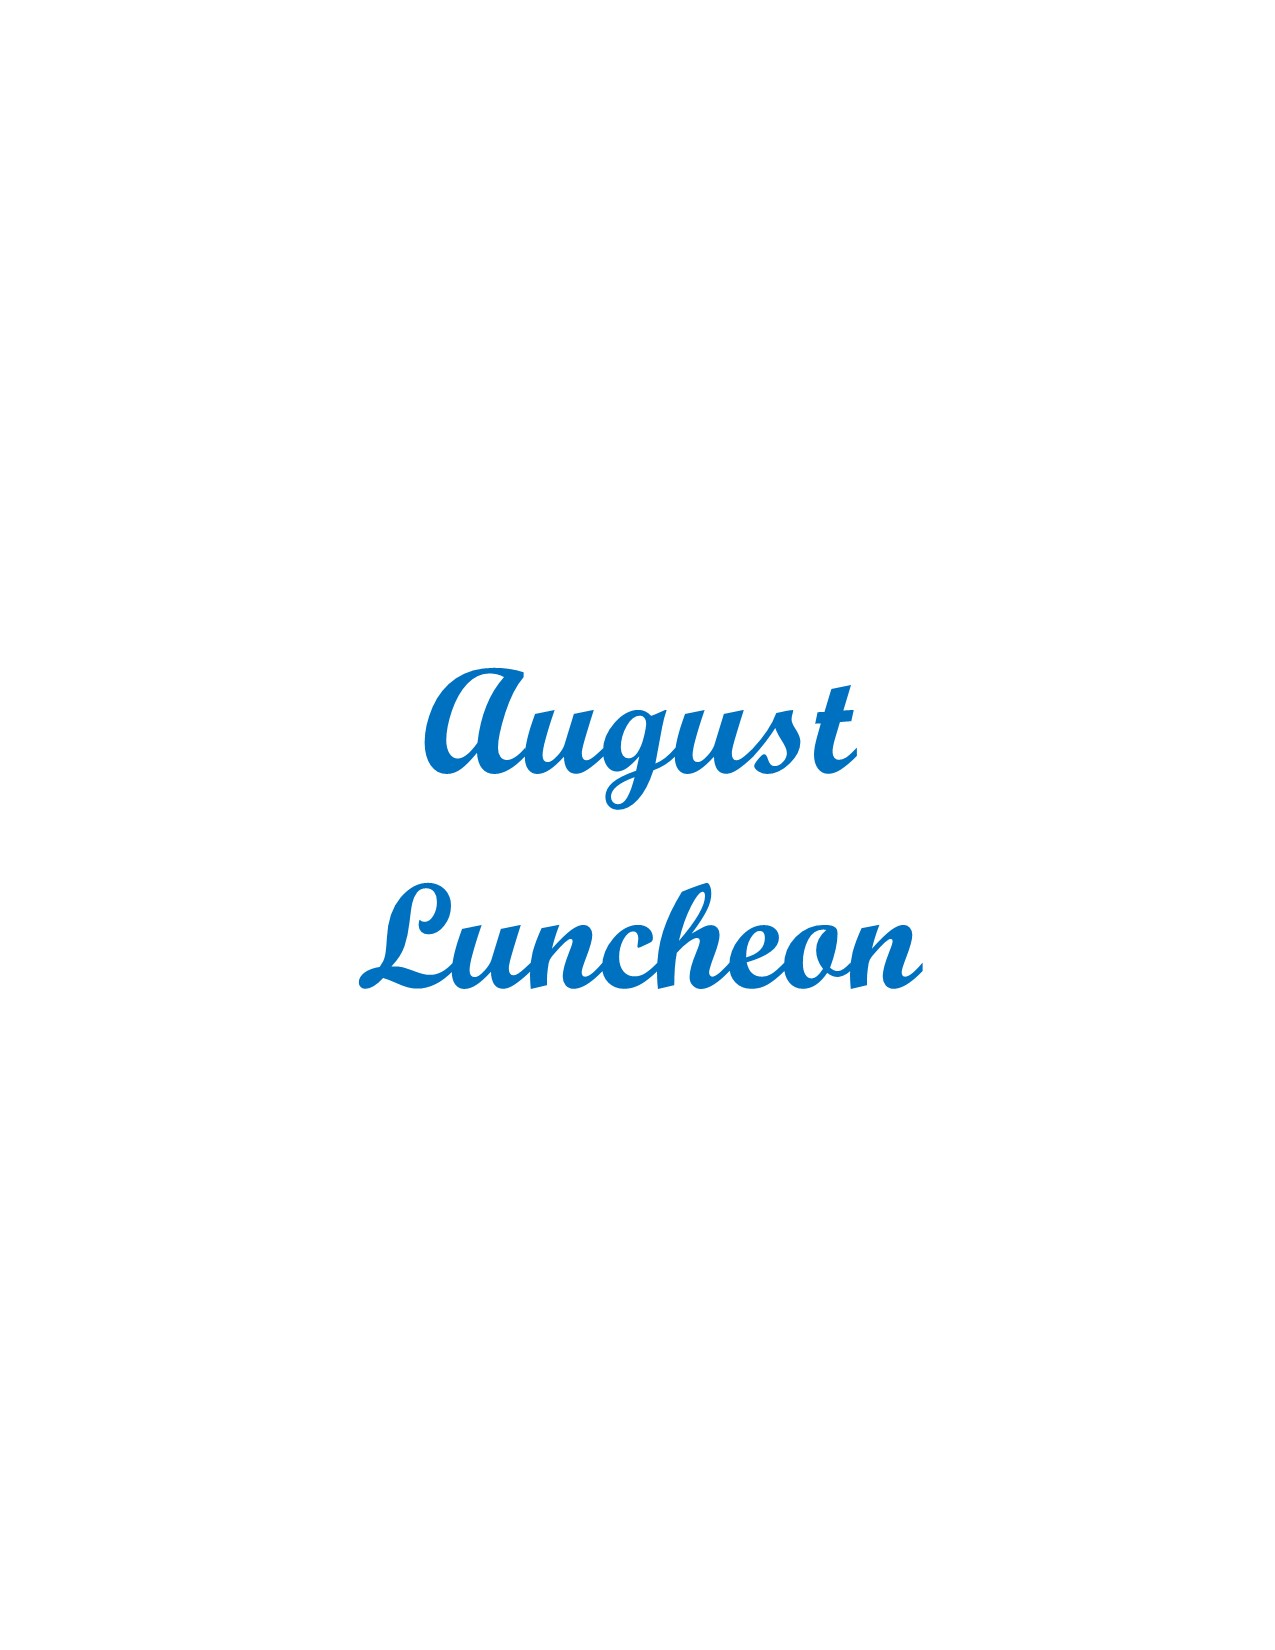 August-Luncheon.jpg